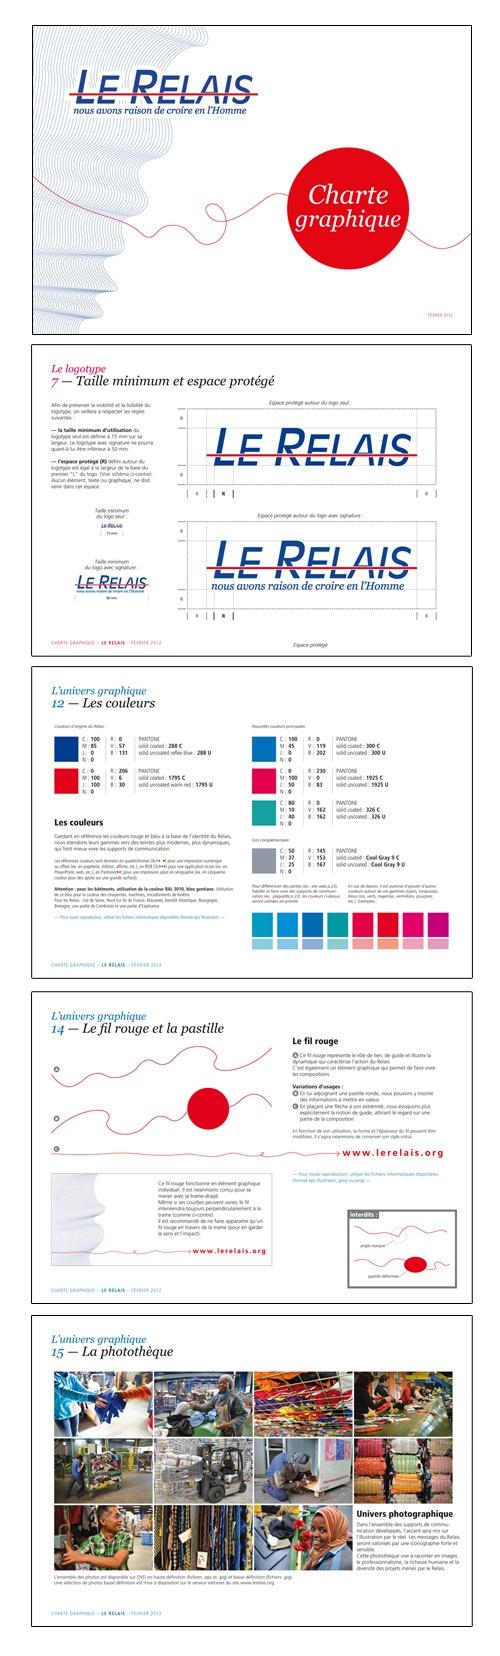 Le Relais : Charte graphique  © Sous Tous les Angles